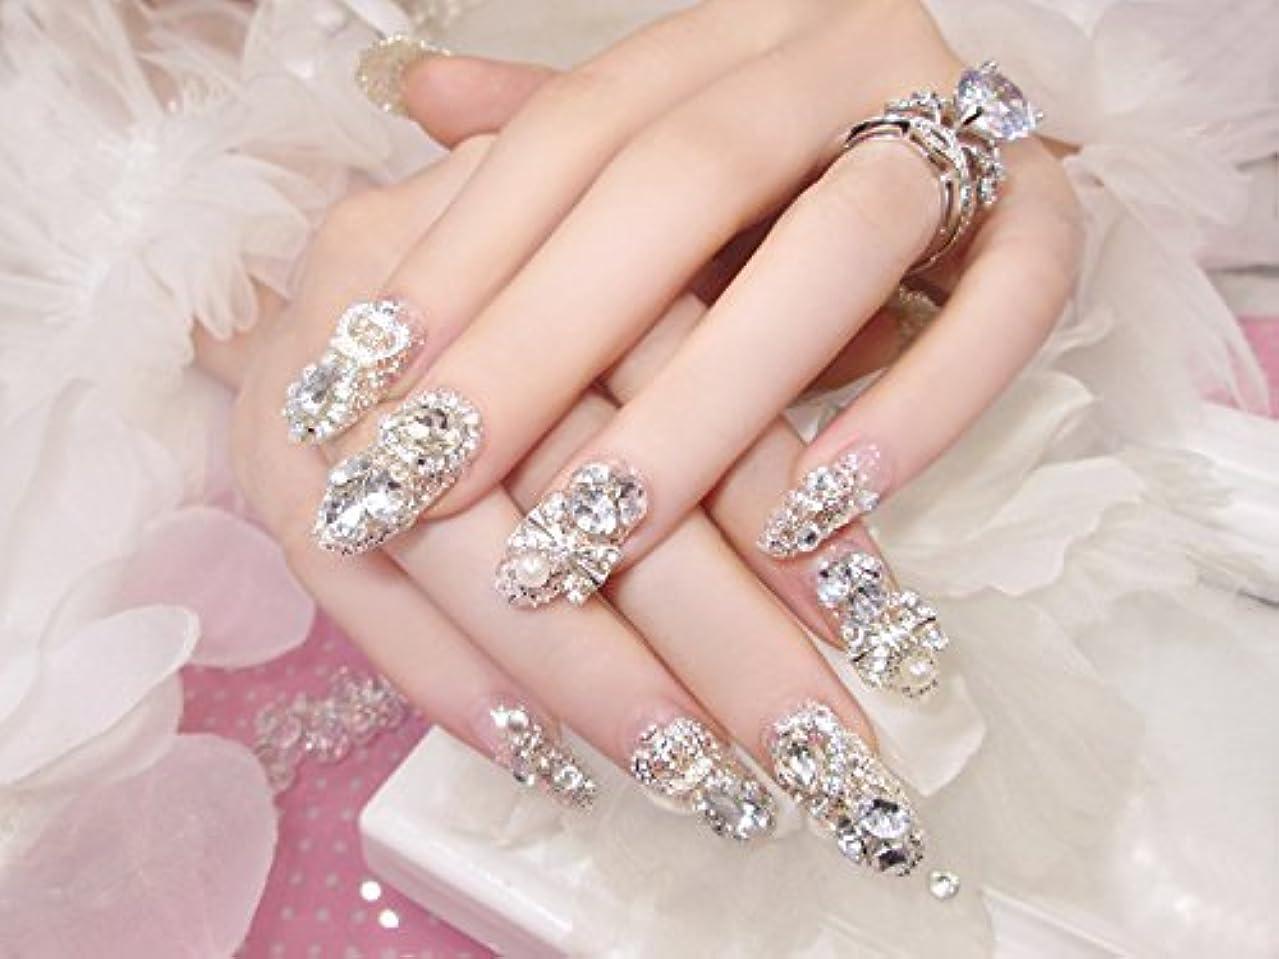 レースオーナーグレートオーク花嫁ネイル 手作りネイルチップ ラインストーンリボンが輝く フルチップ シンプル ネイルチップ24枚セット 人造ダイヤモンド 両面接着テープ付き 結婚式、パーティー、二次会などに ジルコン (A36)